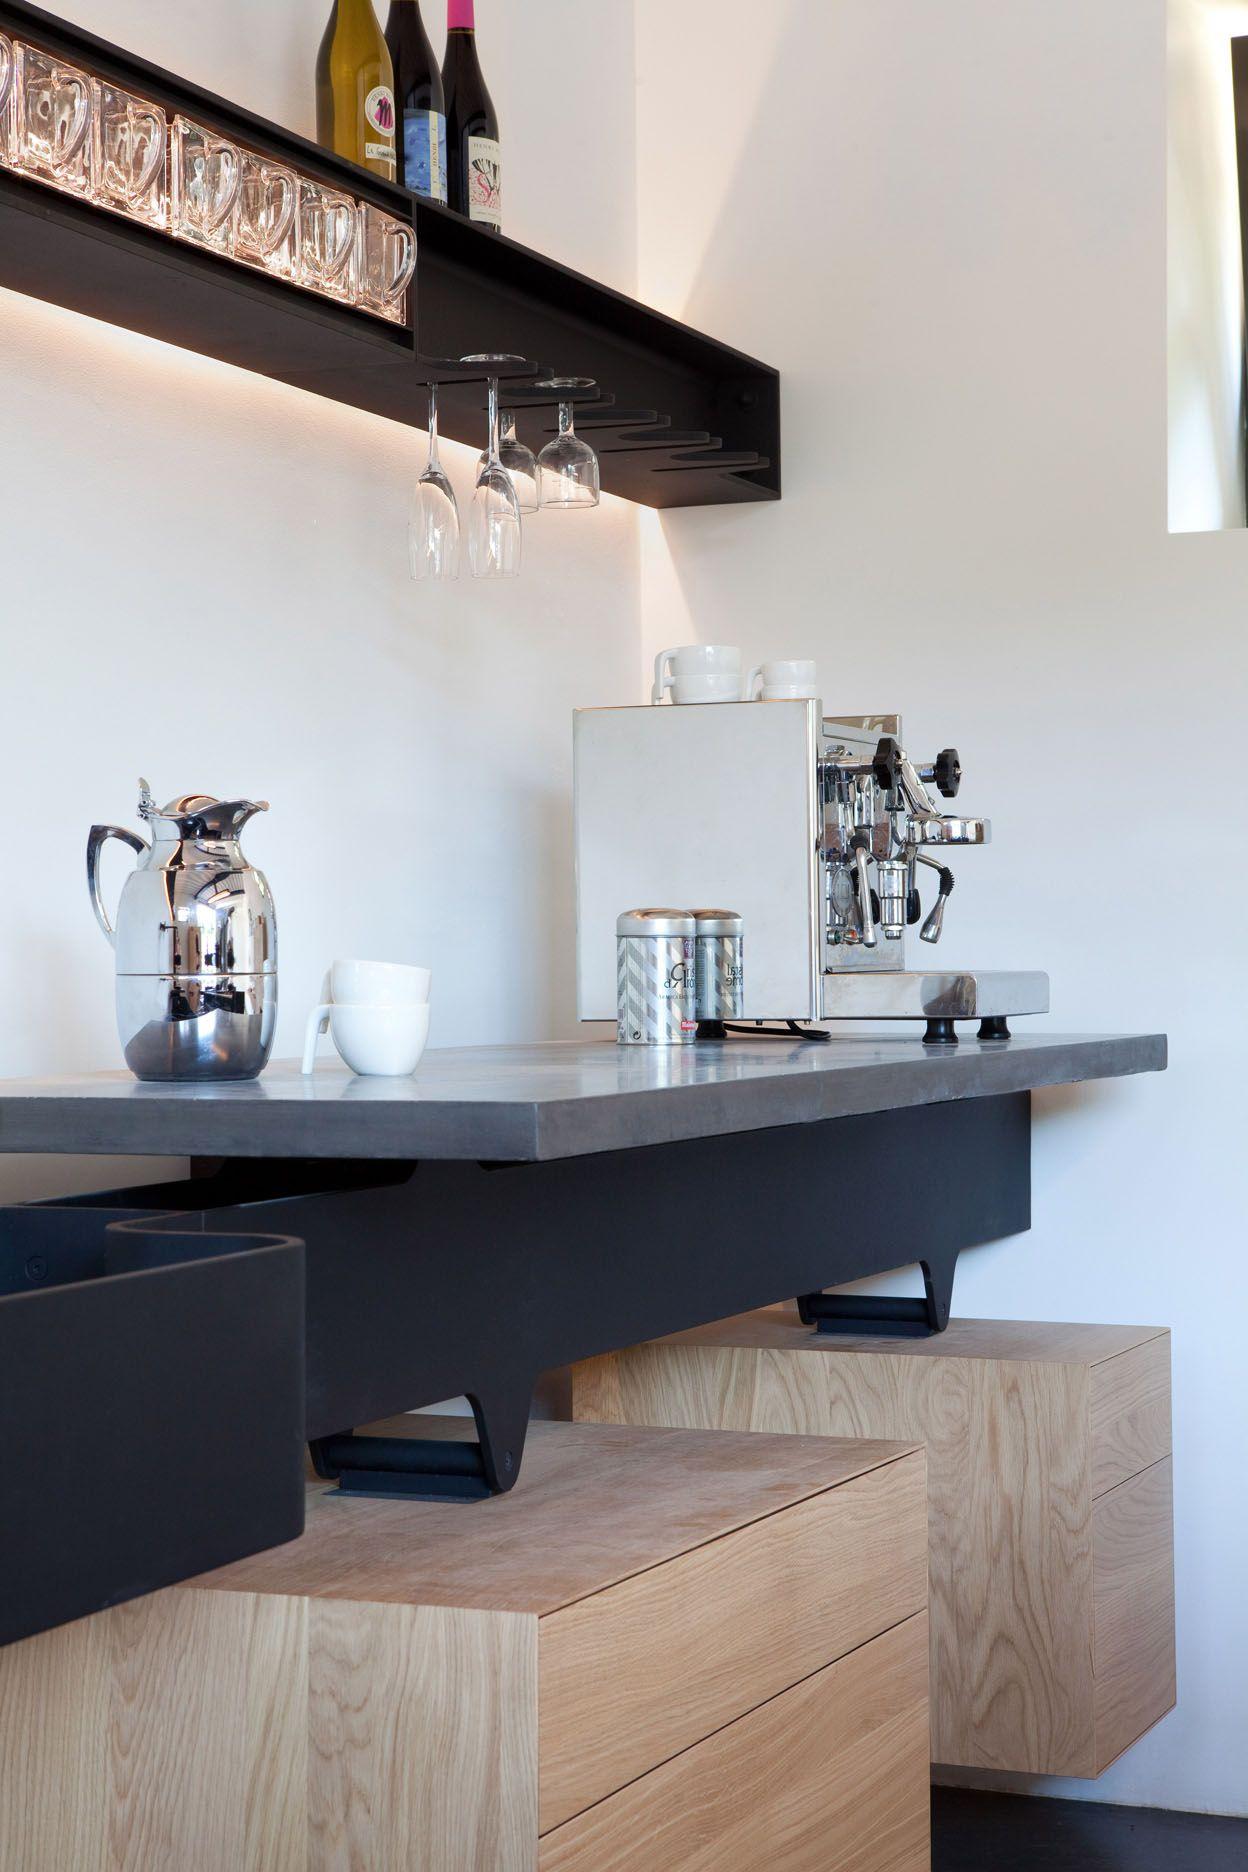 eventueel idee voor plank in keuken met verlichting boven aanrecht ...